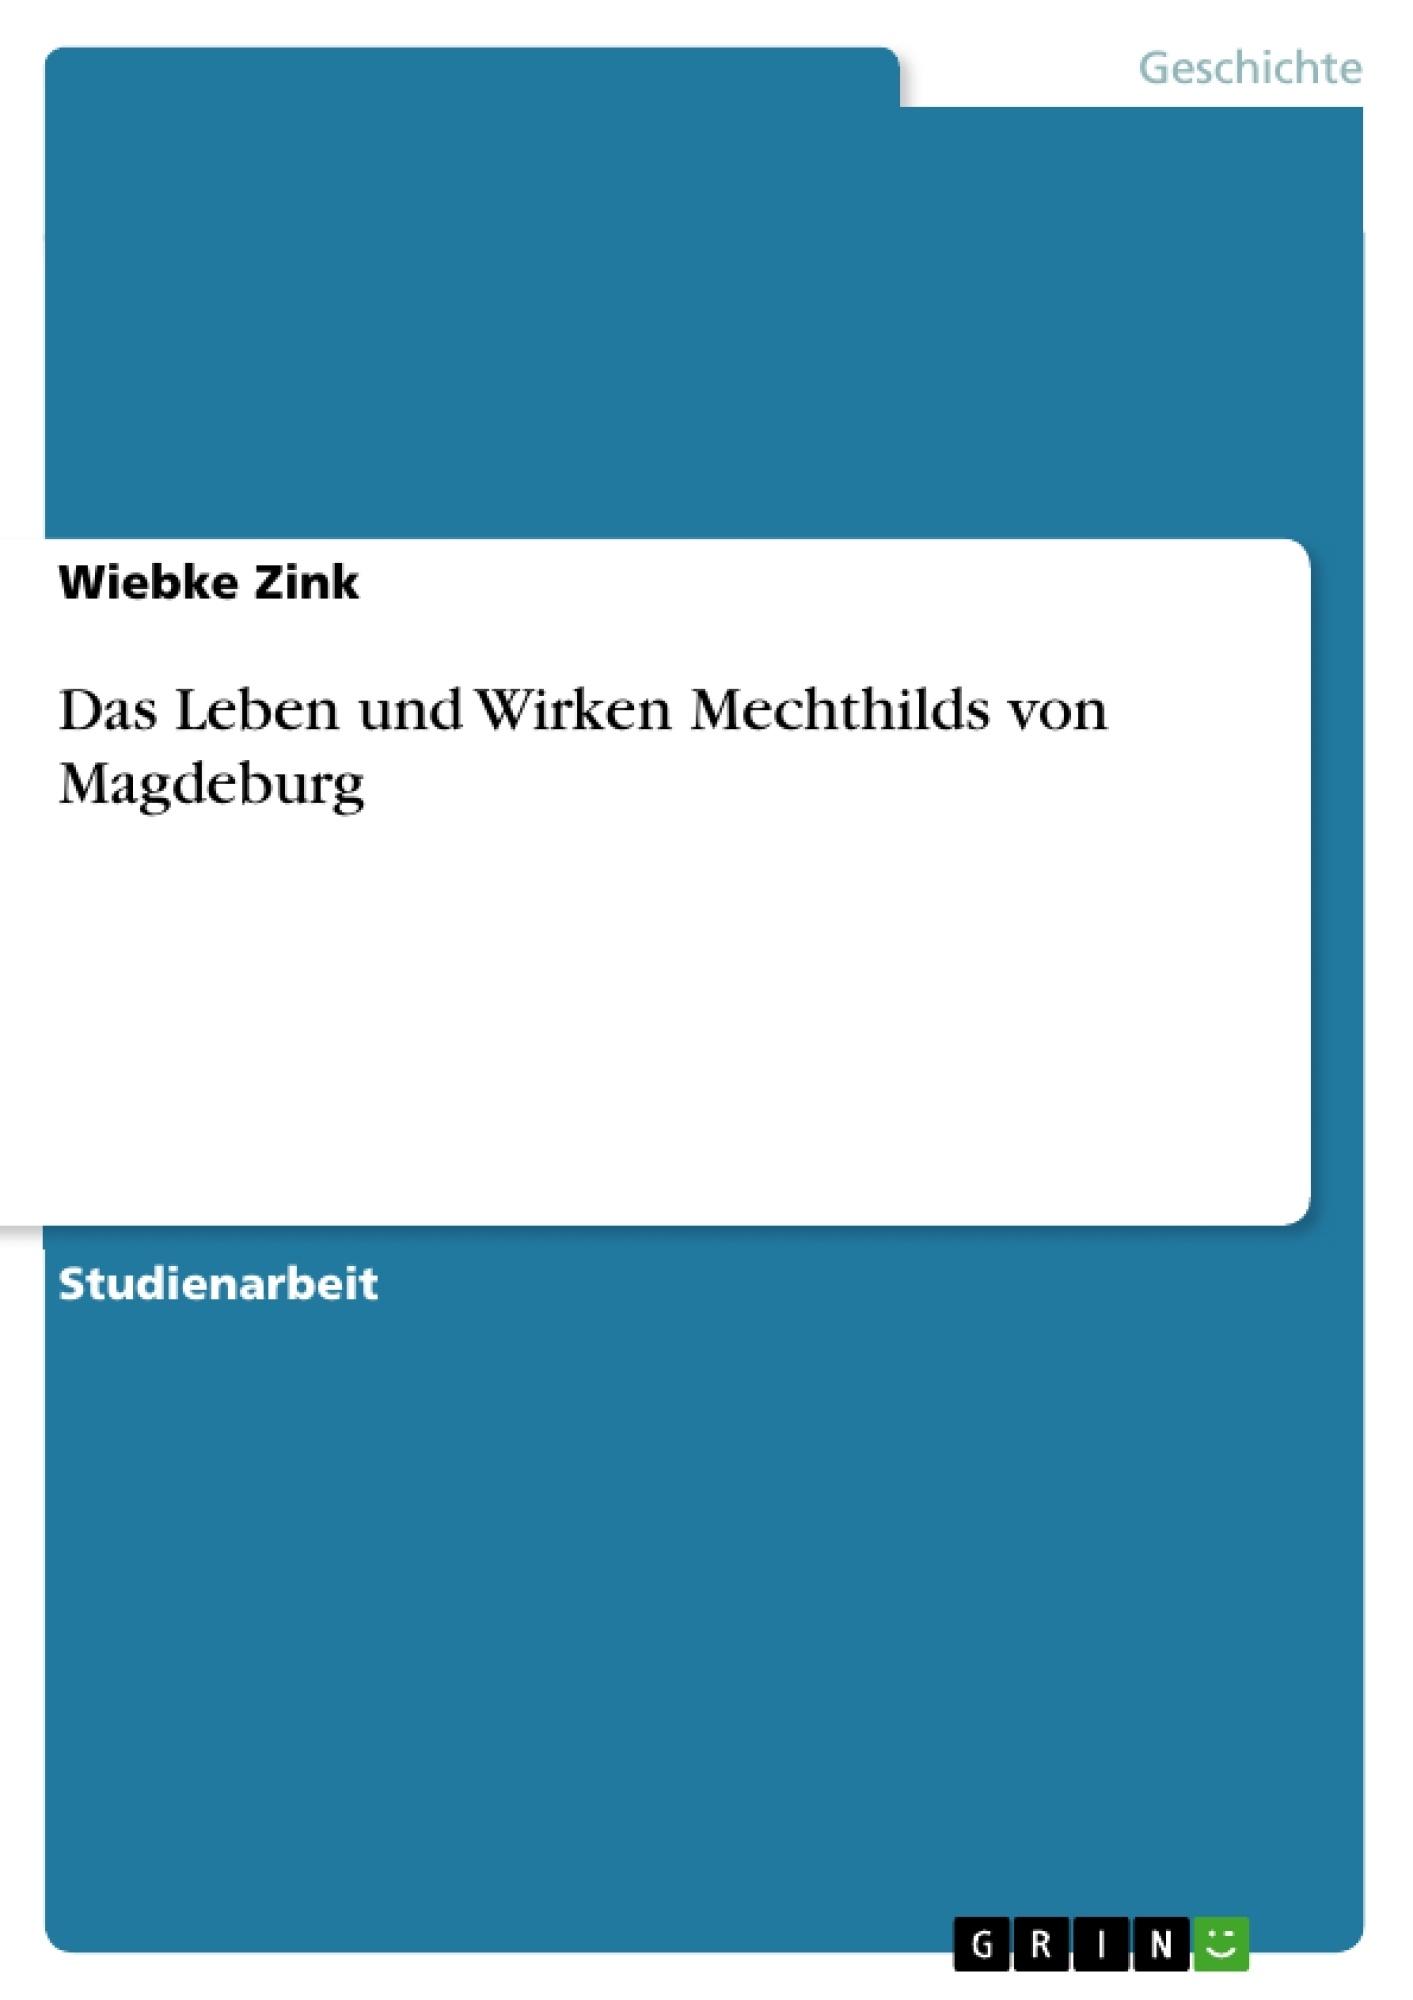 Titel: Das Leben und Wirken Mechthilds von Magdeburg